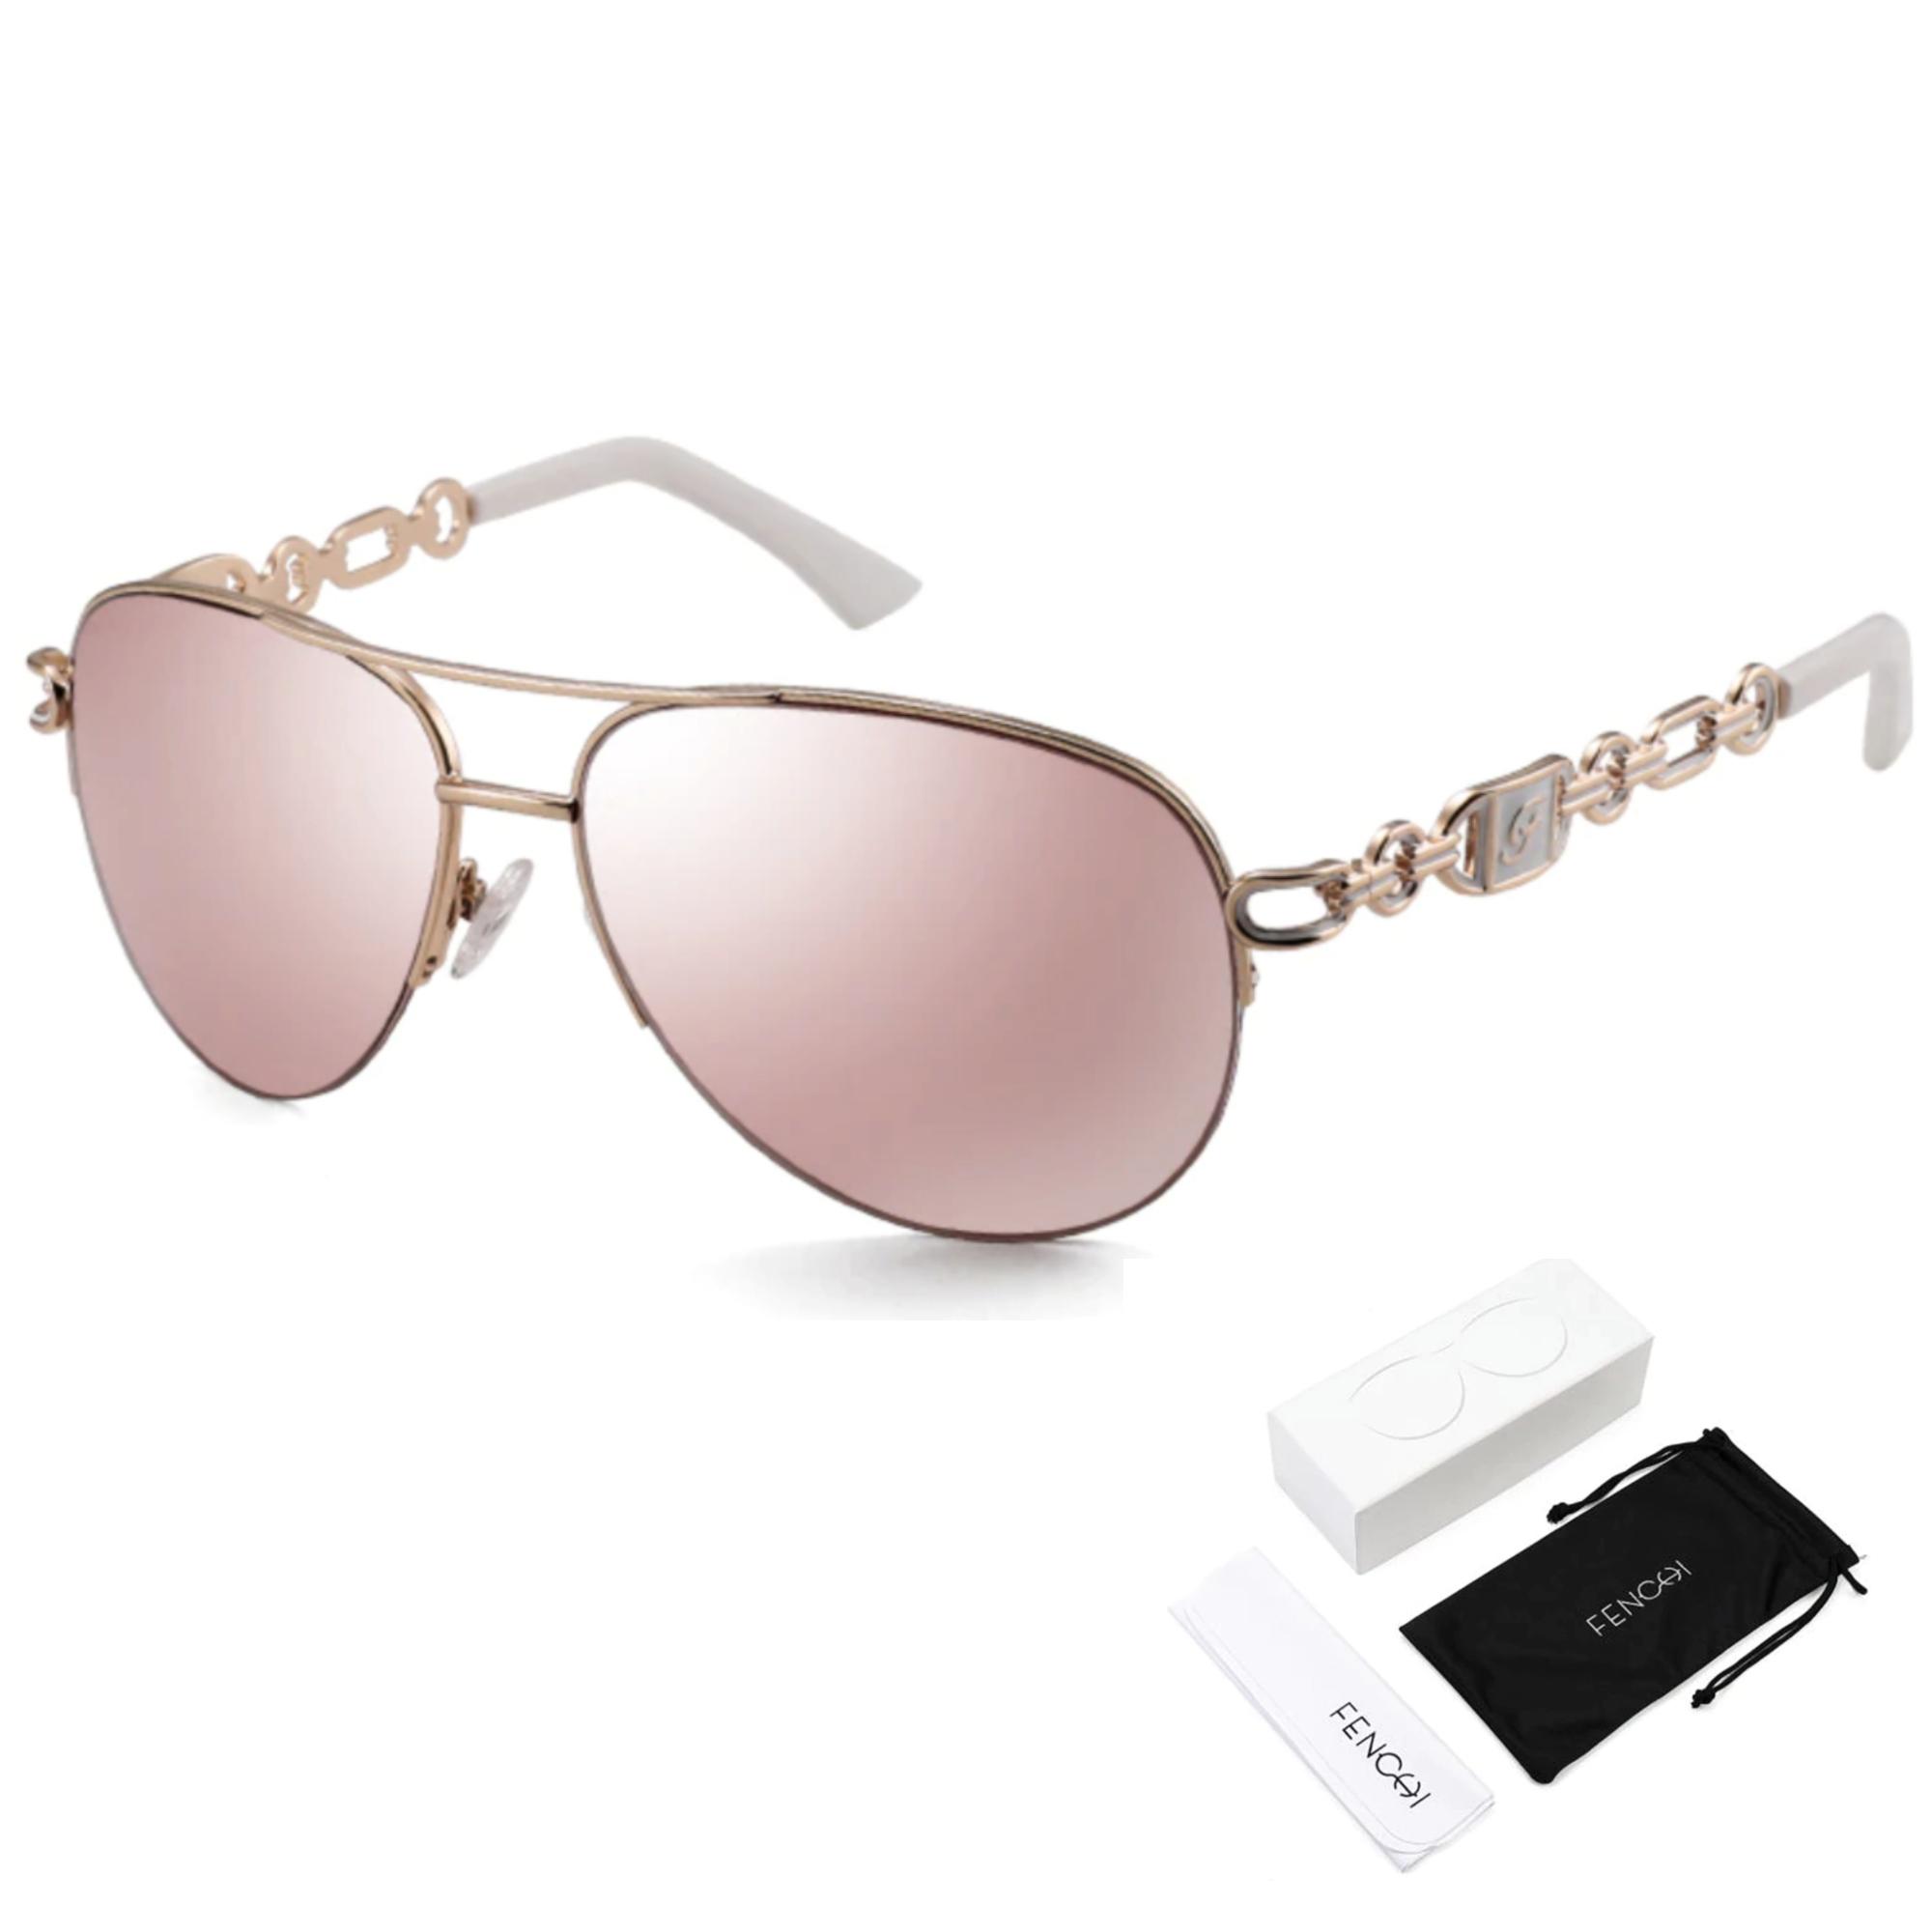 Oculos de Sol Feminino Lente Espelhada Marrom Proteção UV400 - Importado Original Fenchi